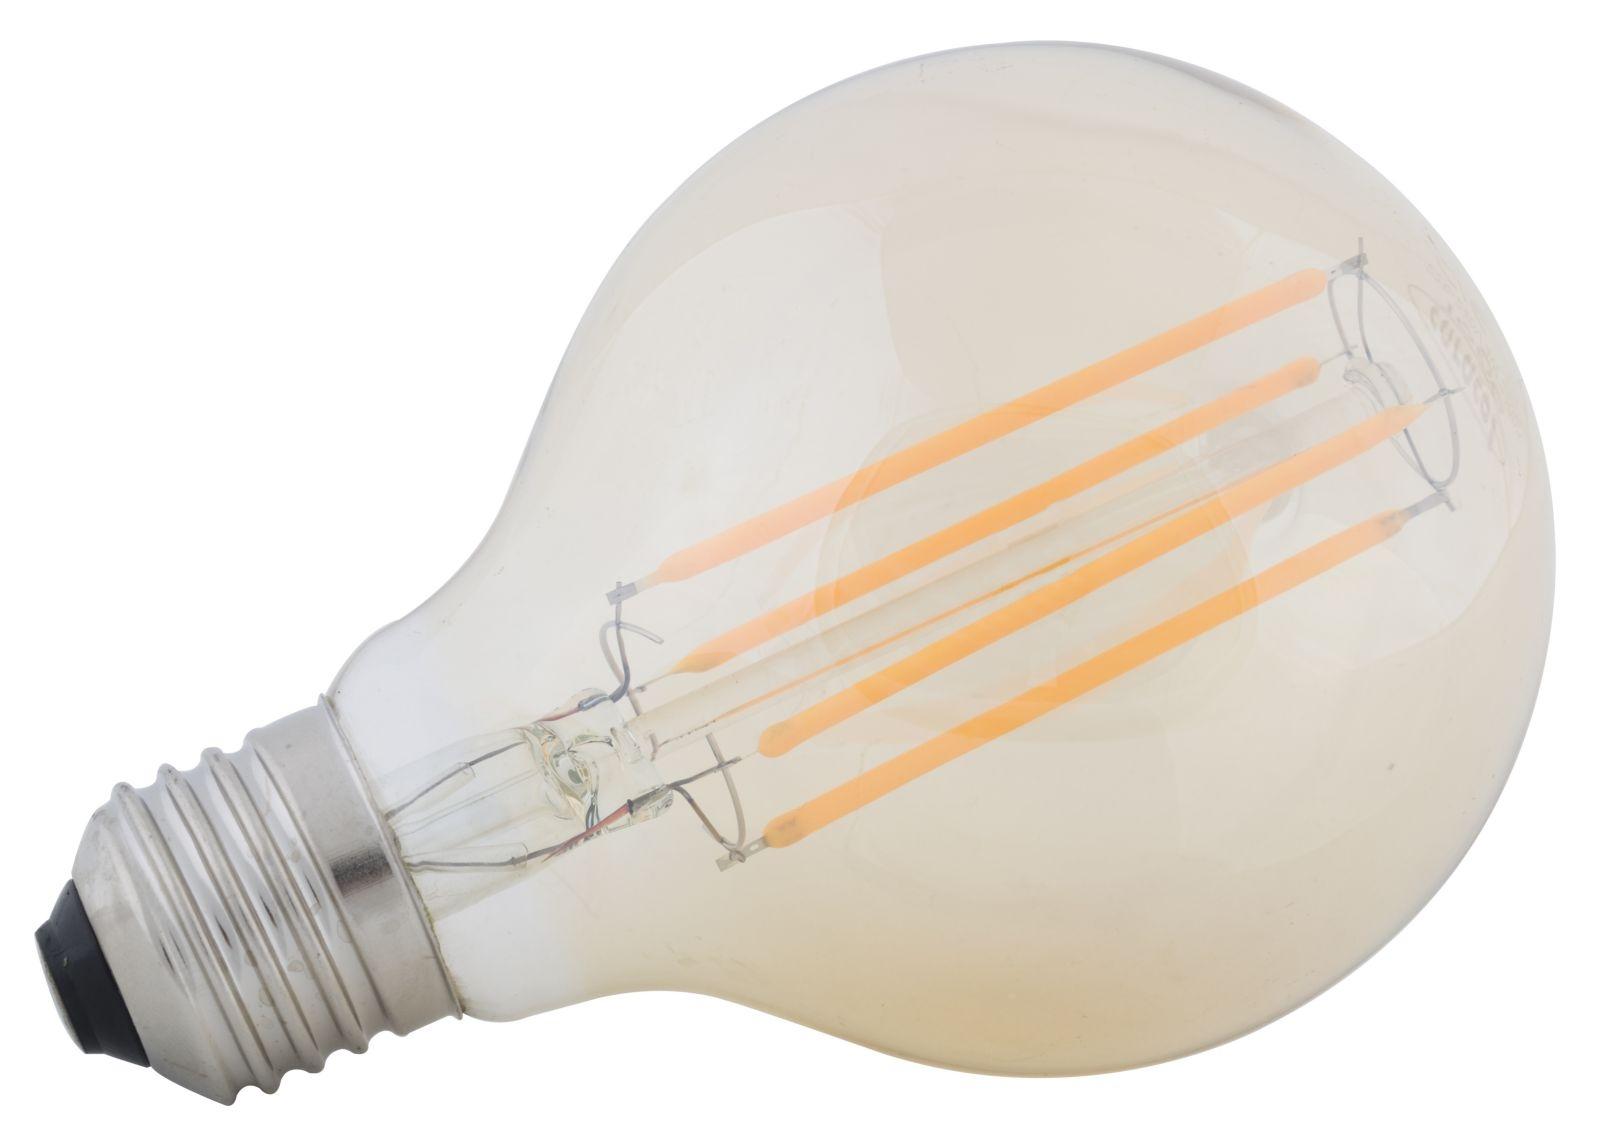 Bec LED Amber G80, 4W, Ø7,5xH11 cm